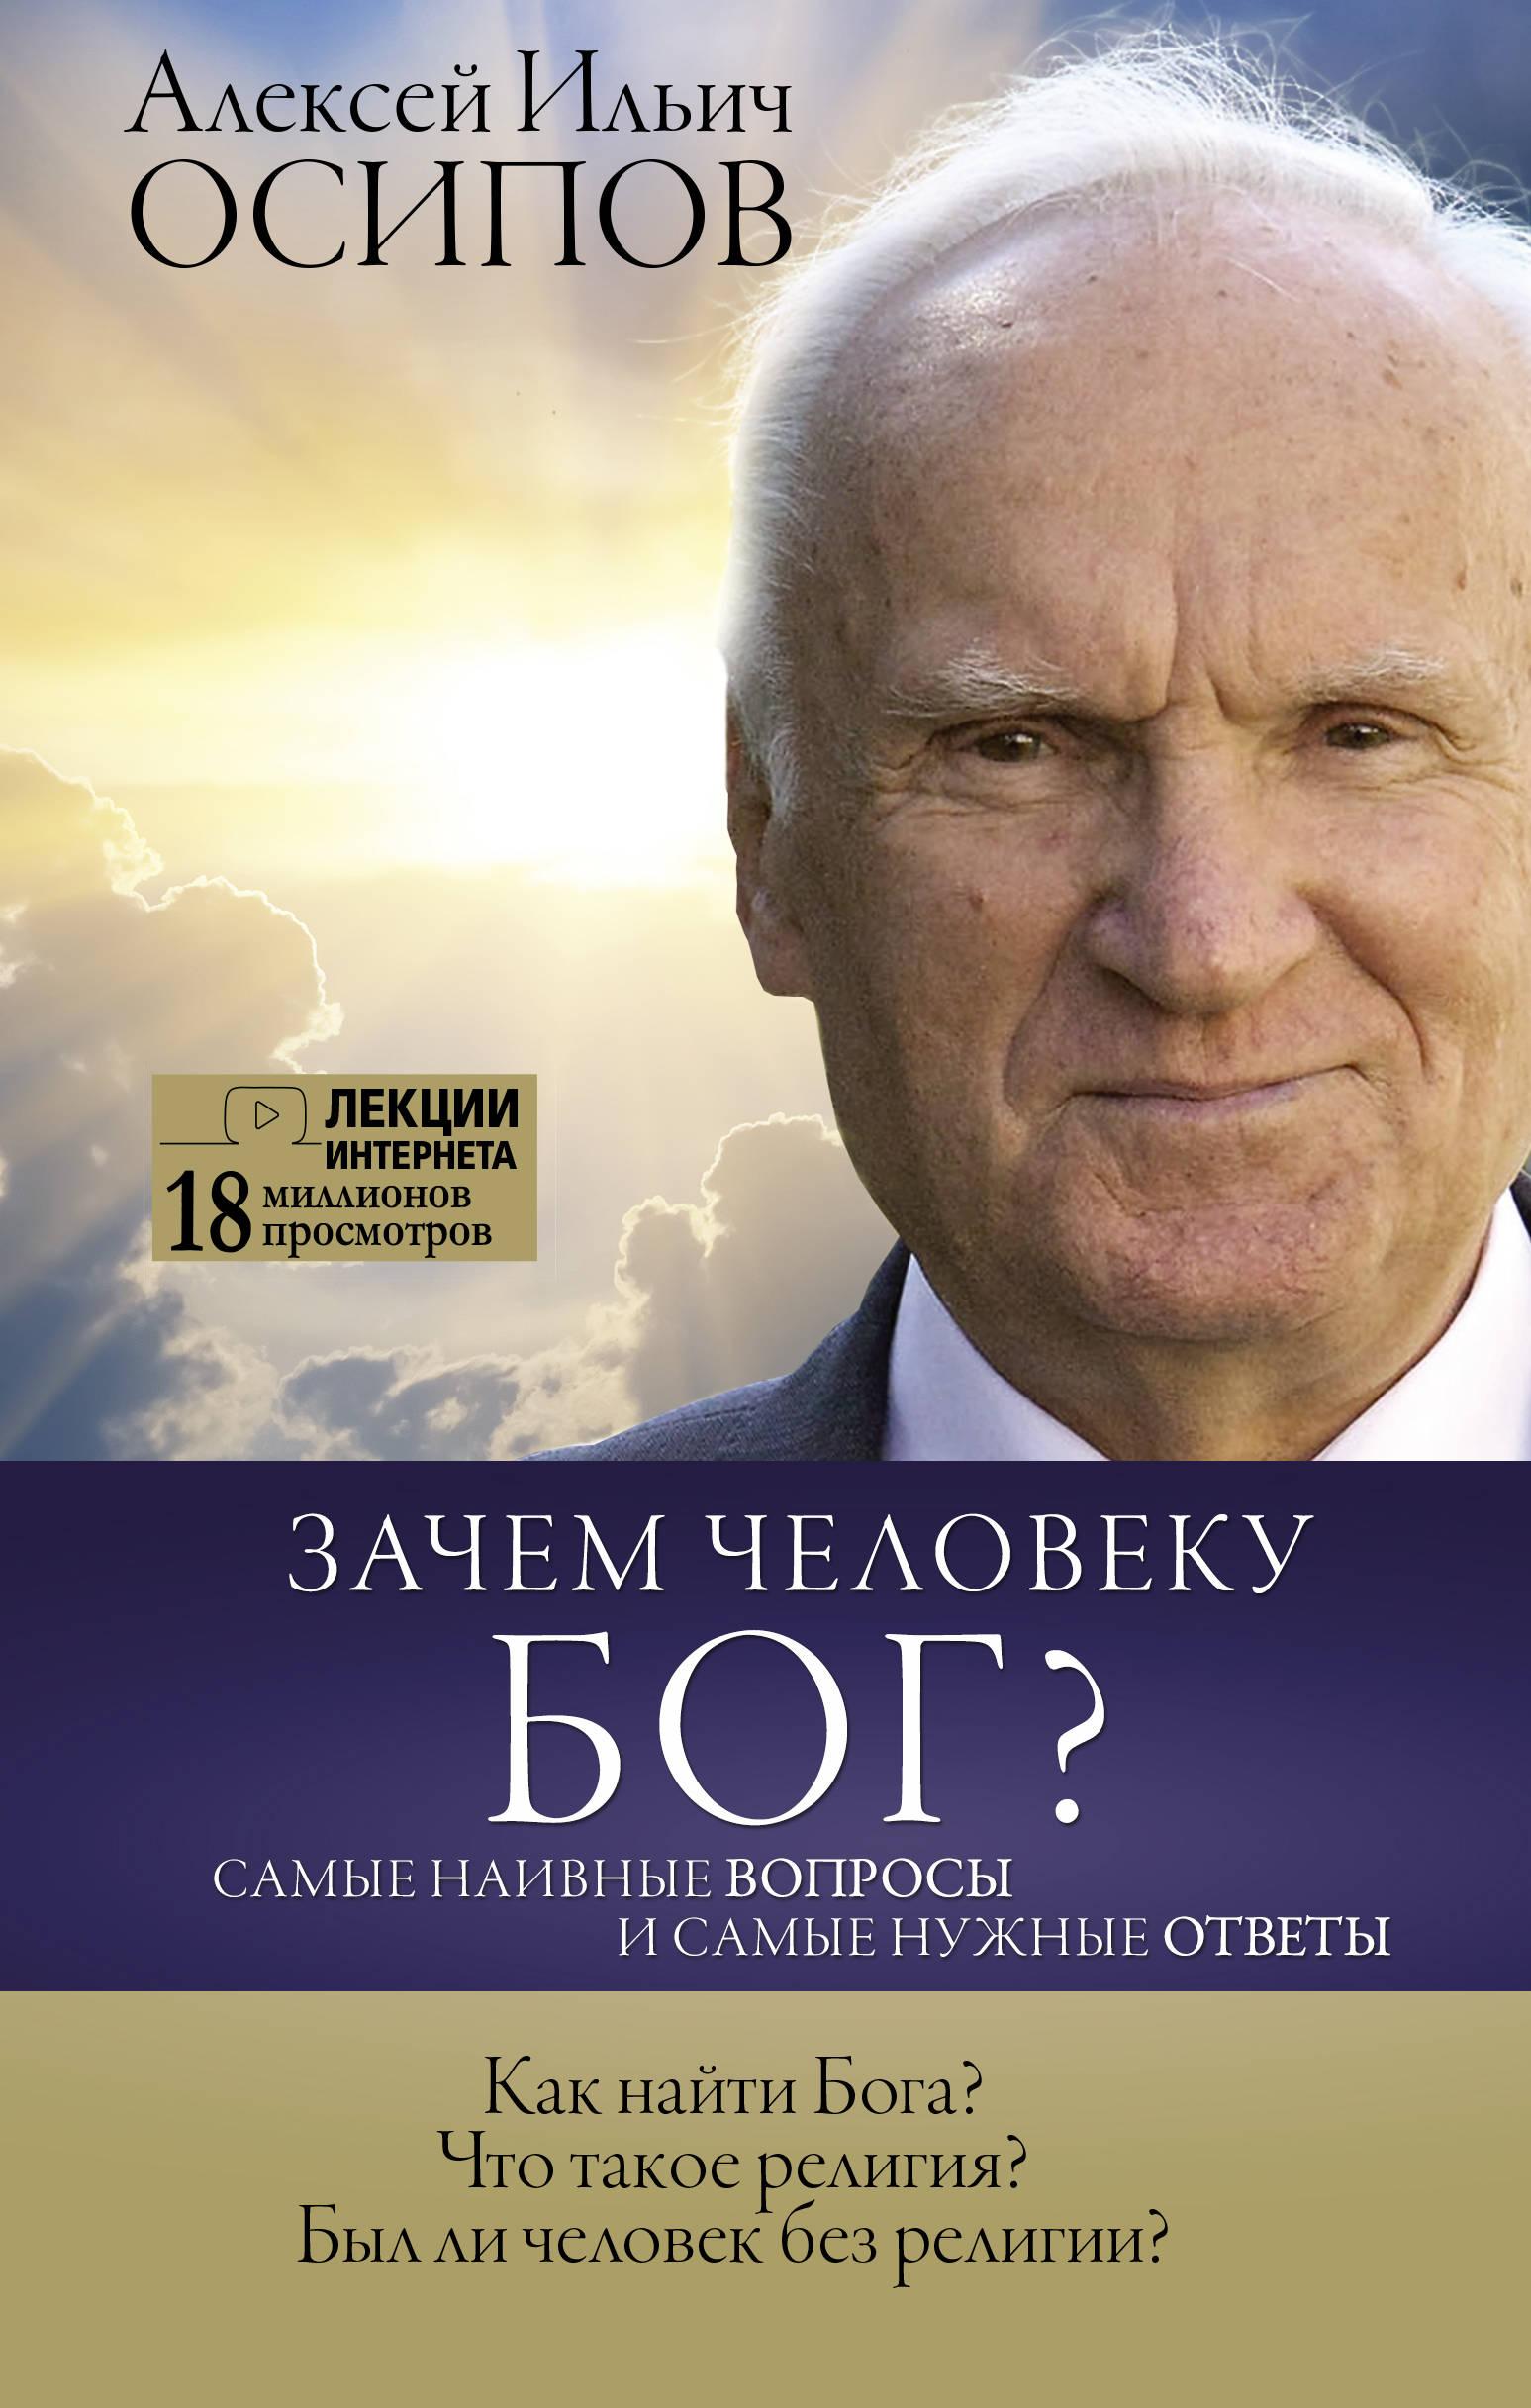 Алексей Ильич Осипов Зачем человеку Бог? Самые наивные вопросы и самые нужные ответы почему наука не отрицает существование бога